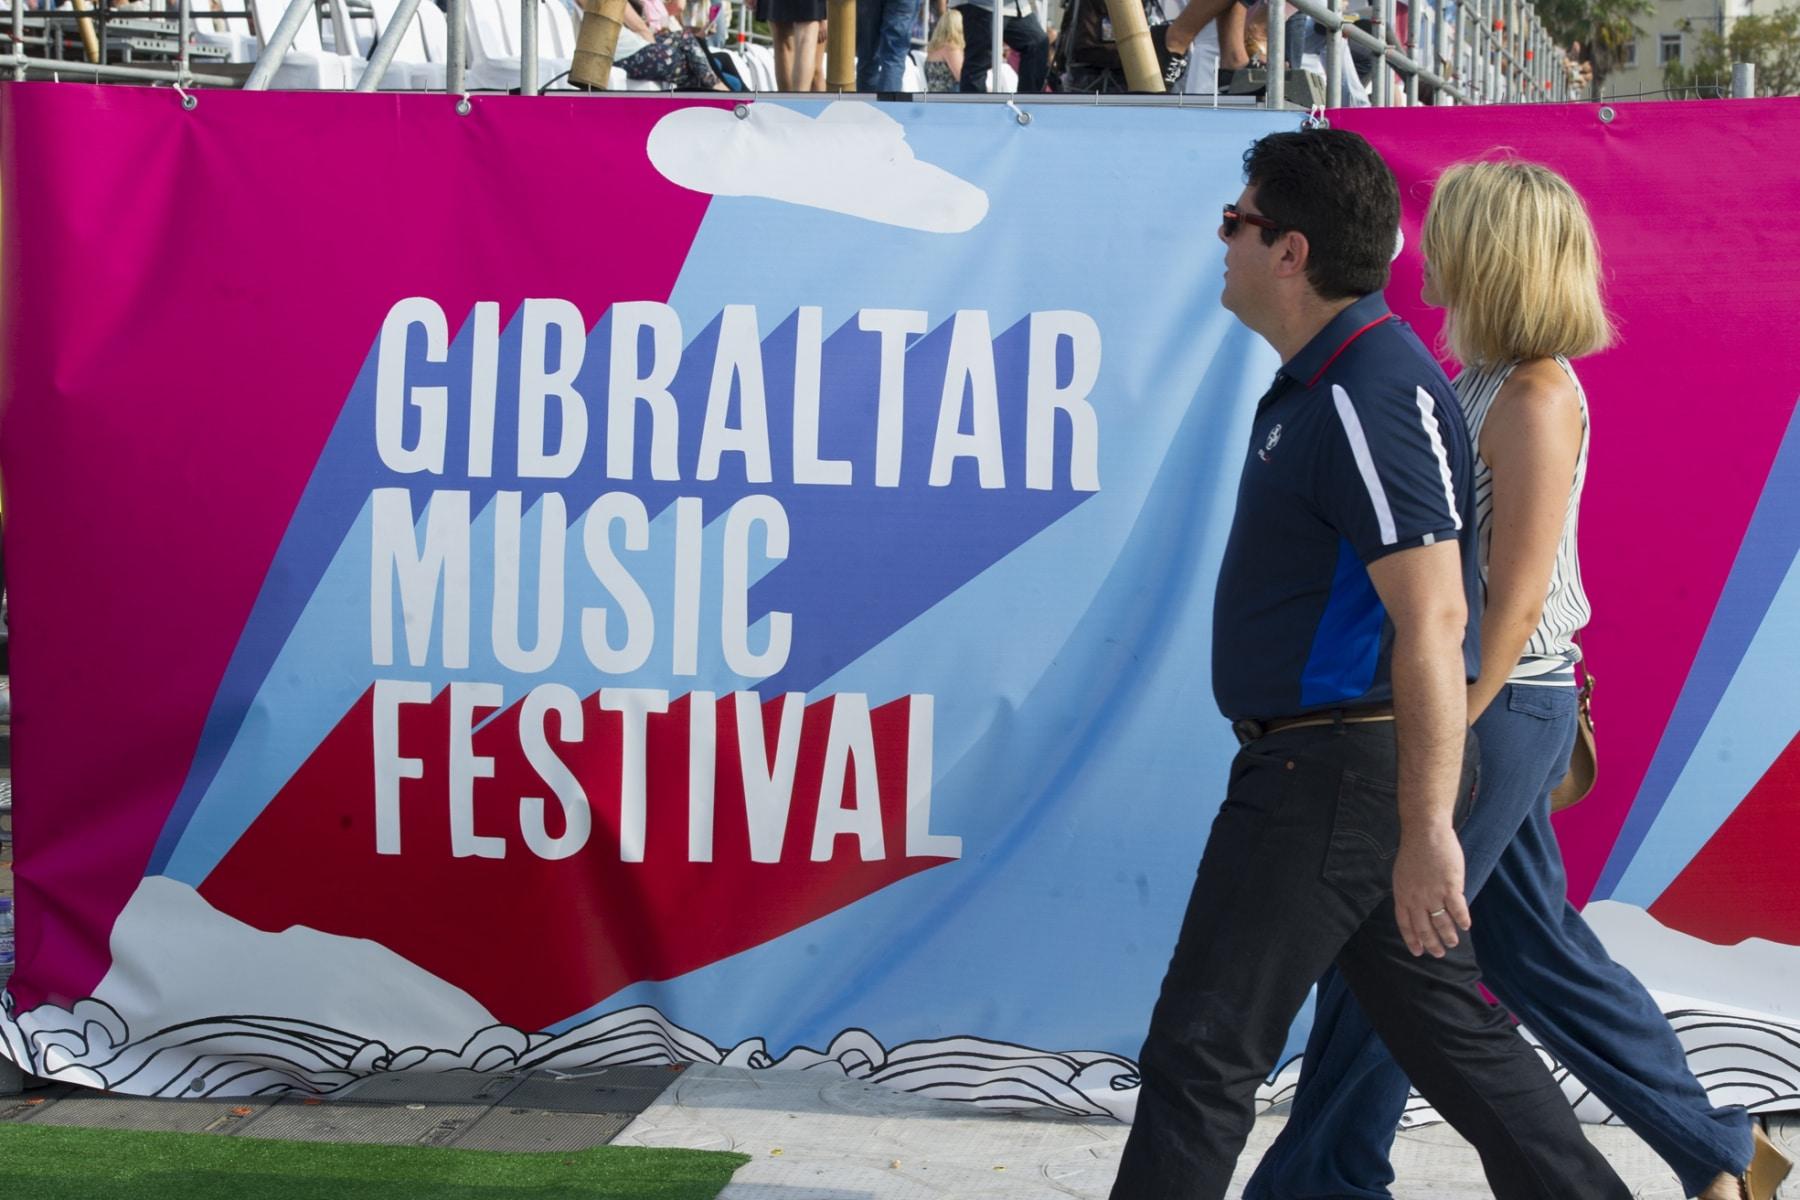 gibraltar-music-festival-2013-fabian-picardo_9702997286_o